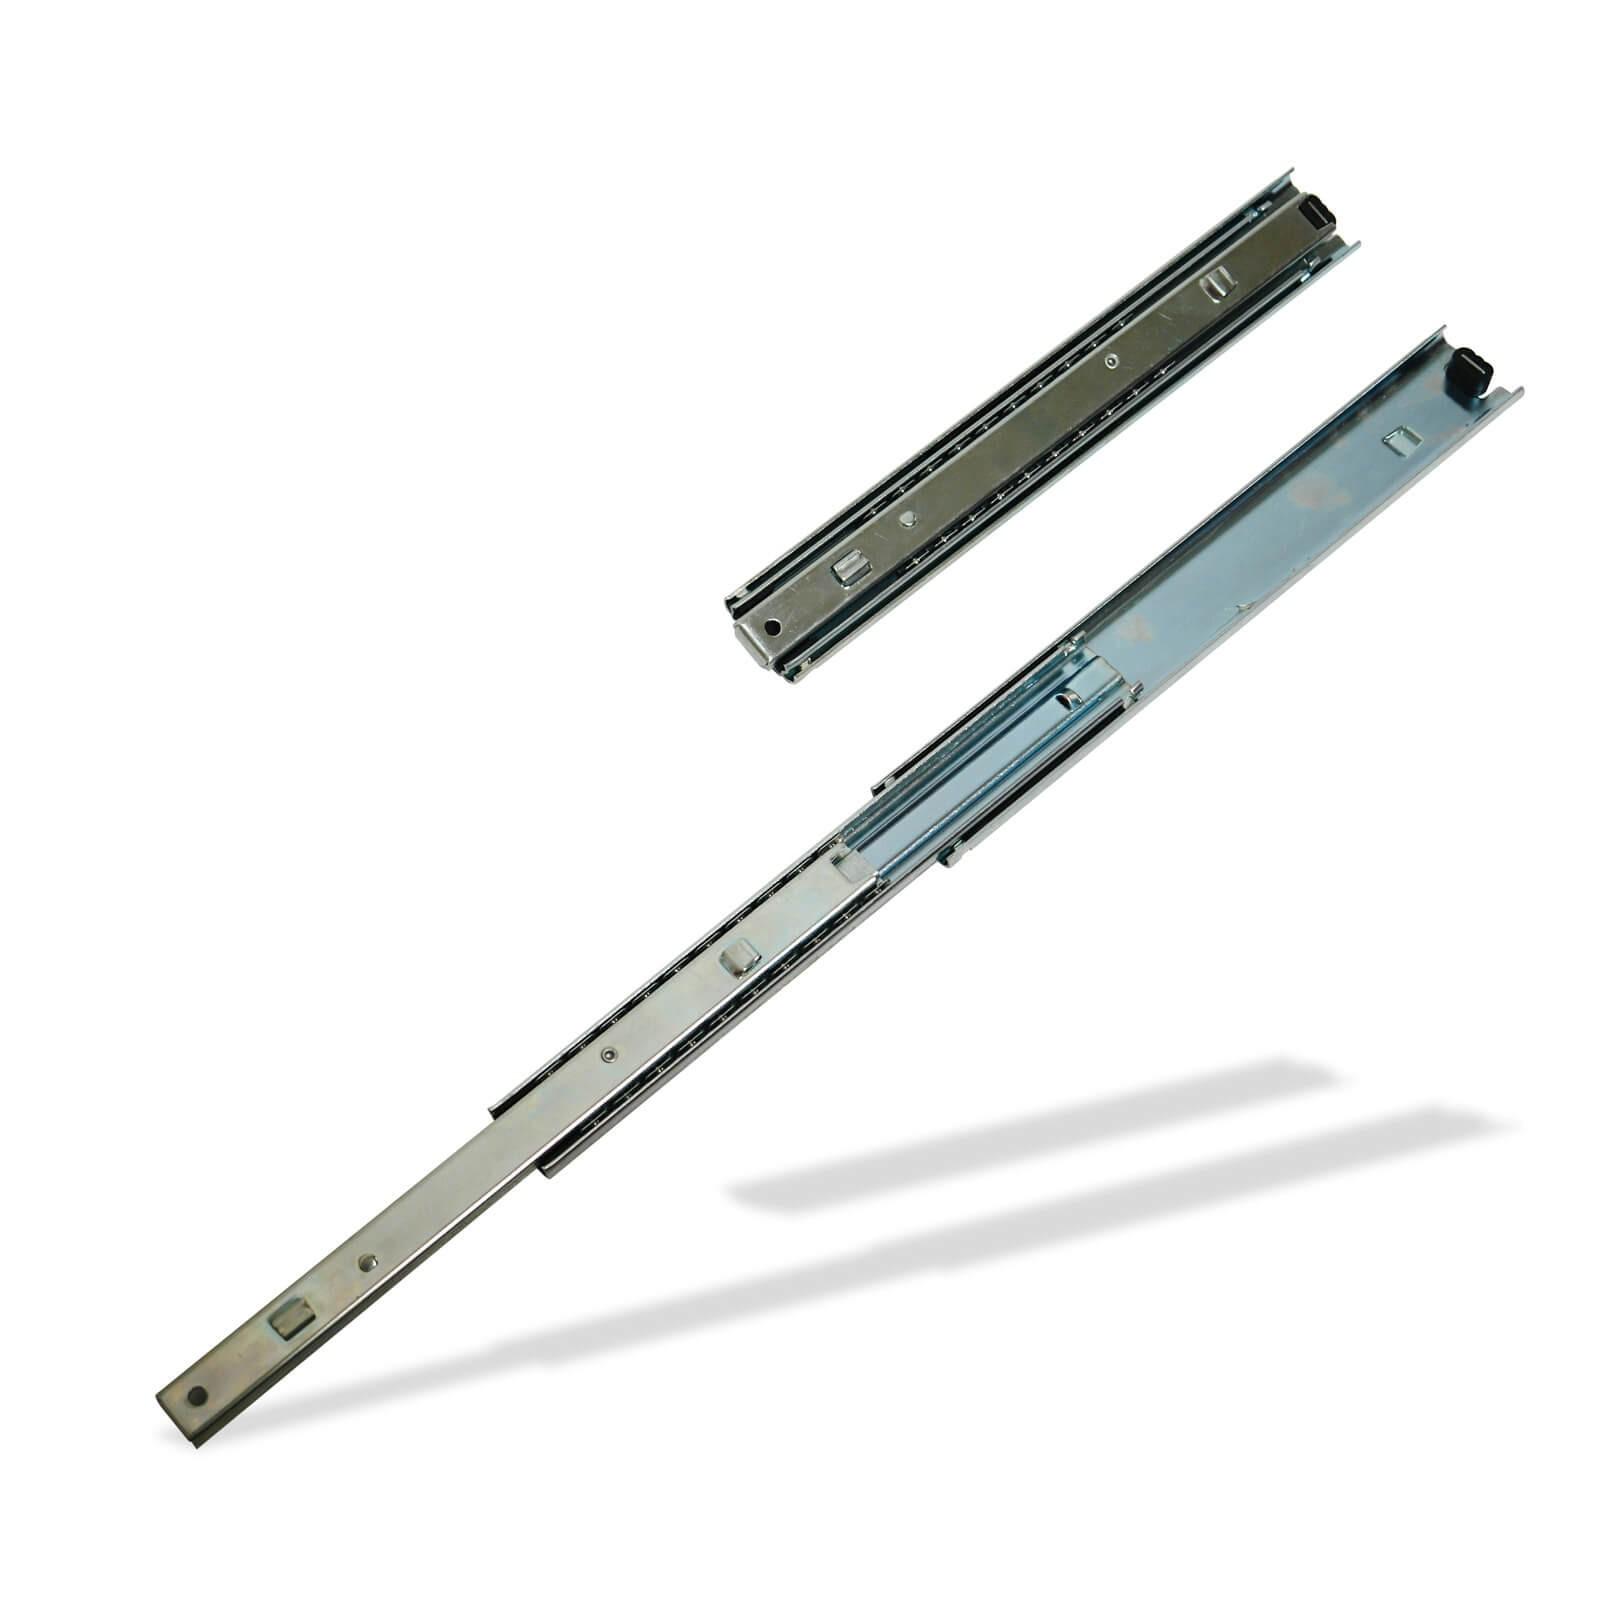 Dema Teleskopschiene 3 stufig 250 - 550 mm für Schubladen var-Teleskopschiene